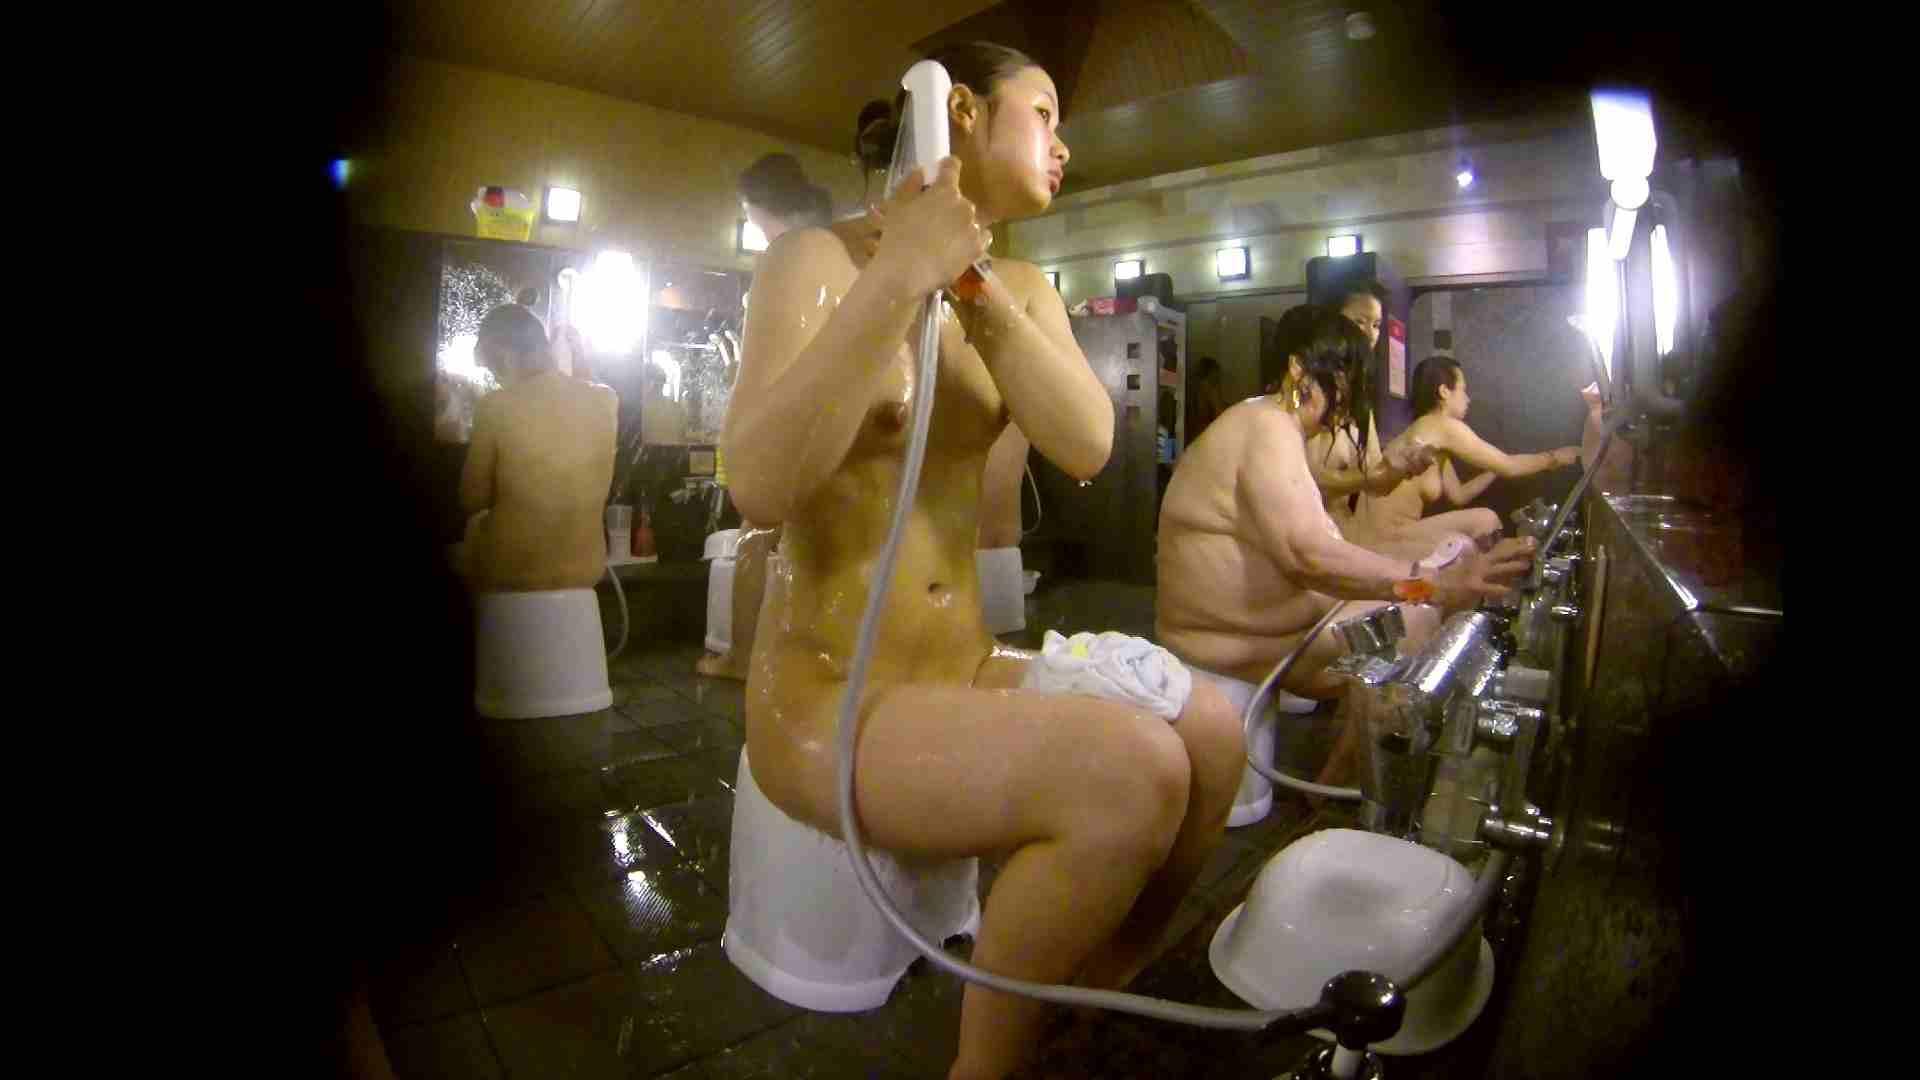 追い撮り!脱衣~洗い場、徹底追跡!撮り師さんに拍手!! むっちり | 追跡  95画像 64